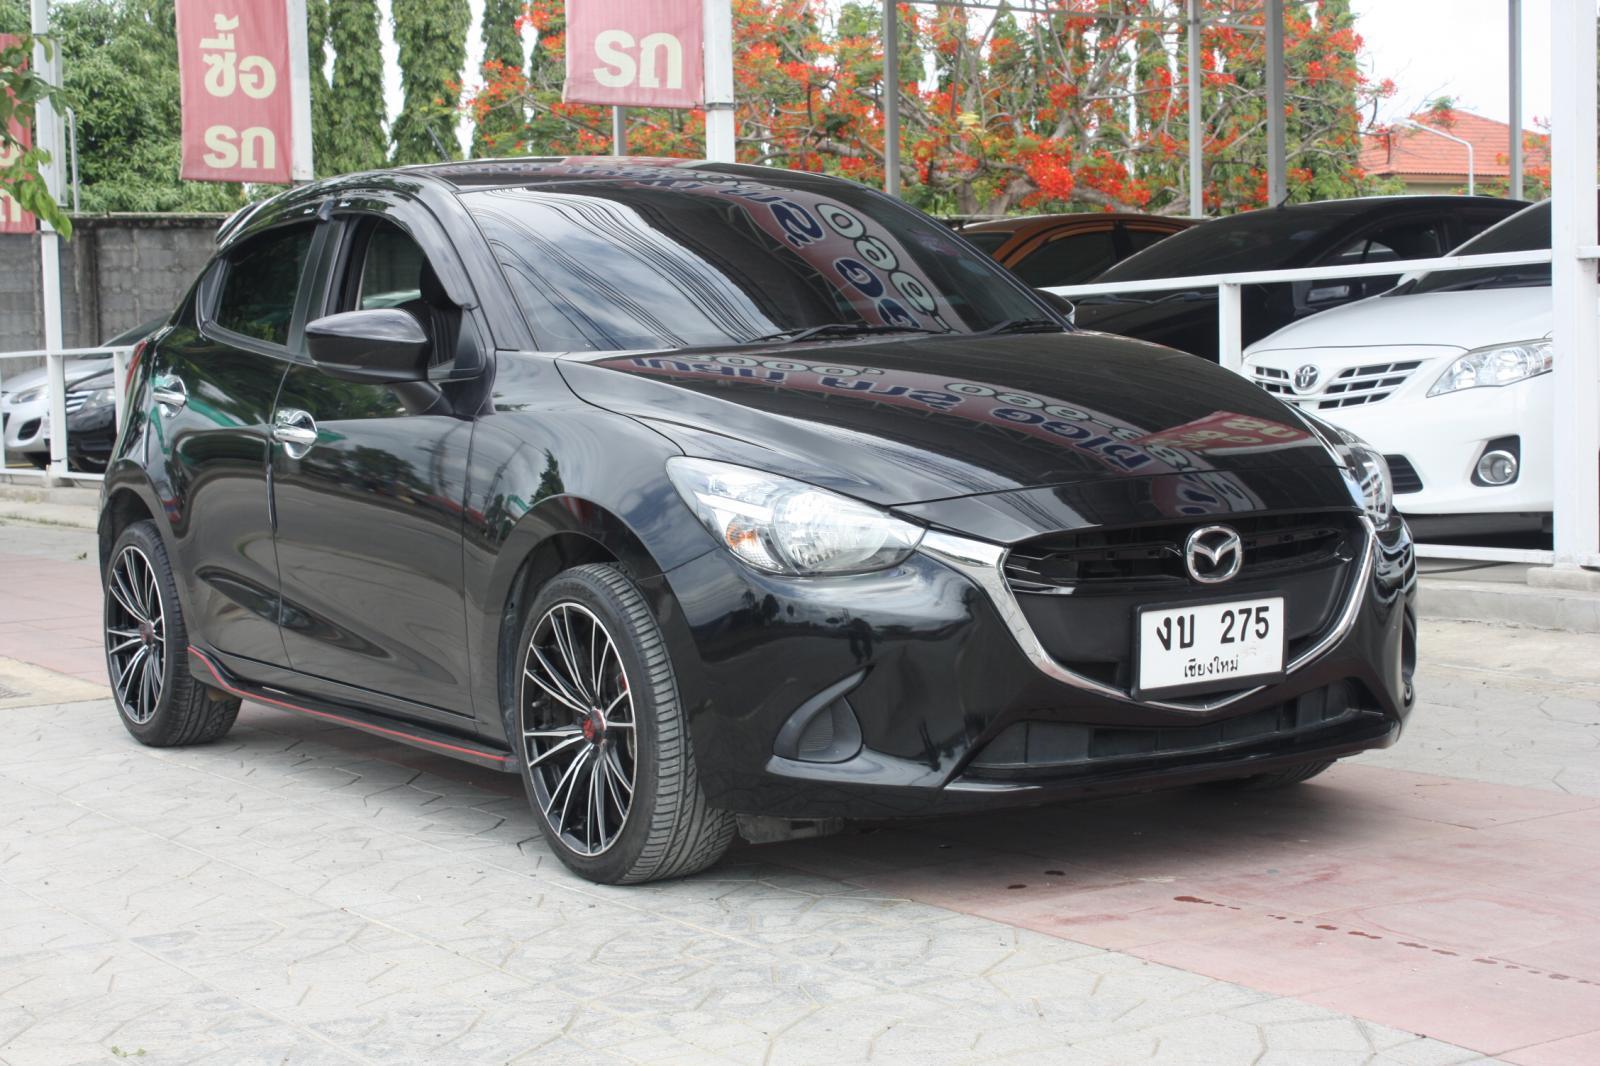 ขายรถ Mazda 2 1.3 High Connect 2018 รถเก๋ง 5 ประตู